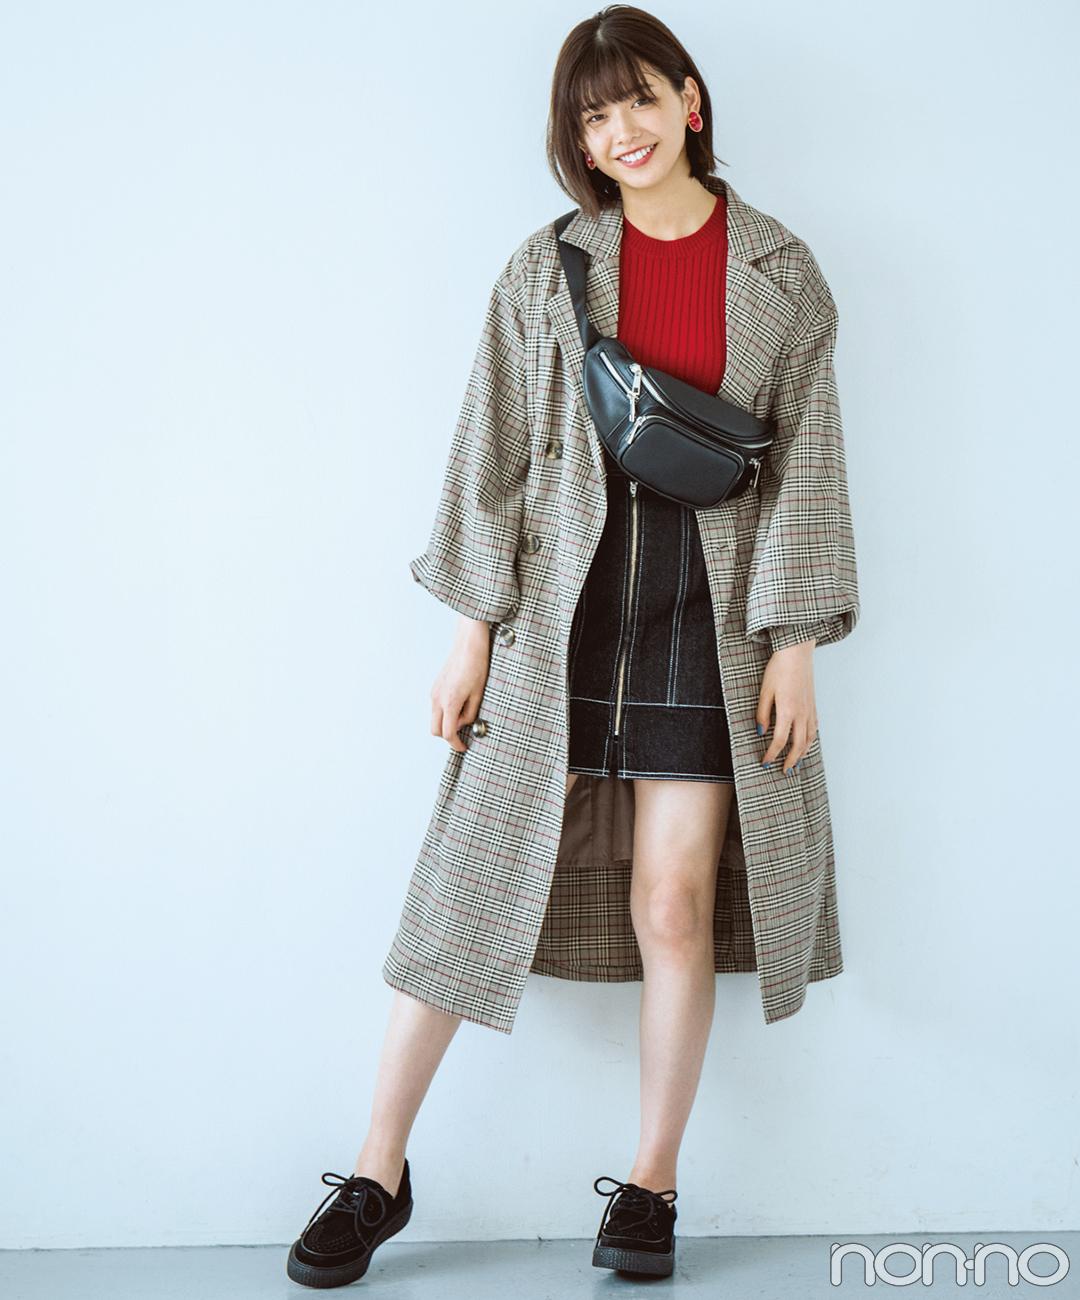 【2018秋冬スカートコーデ】ミニスカート×赤ニット×チェックコート×スニーカー